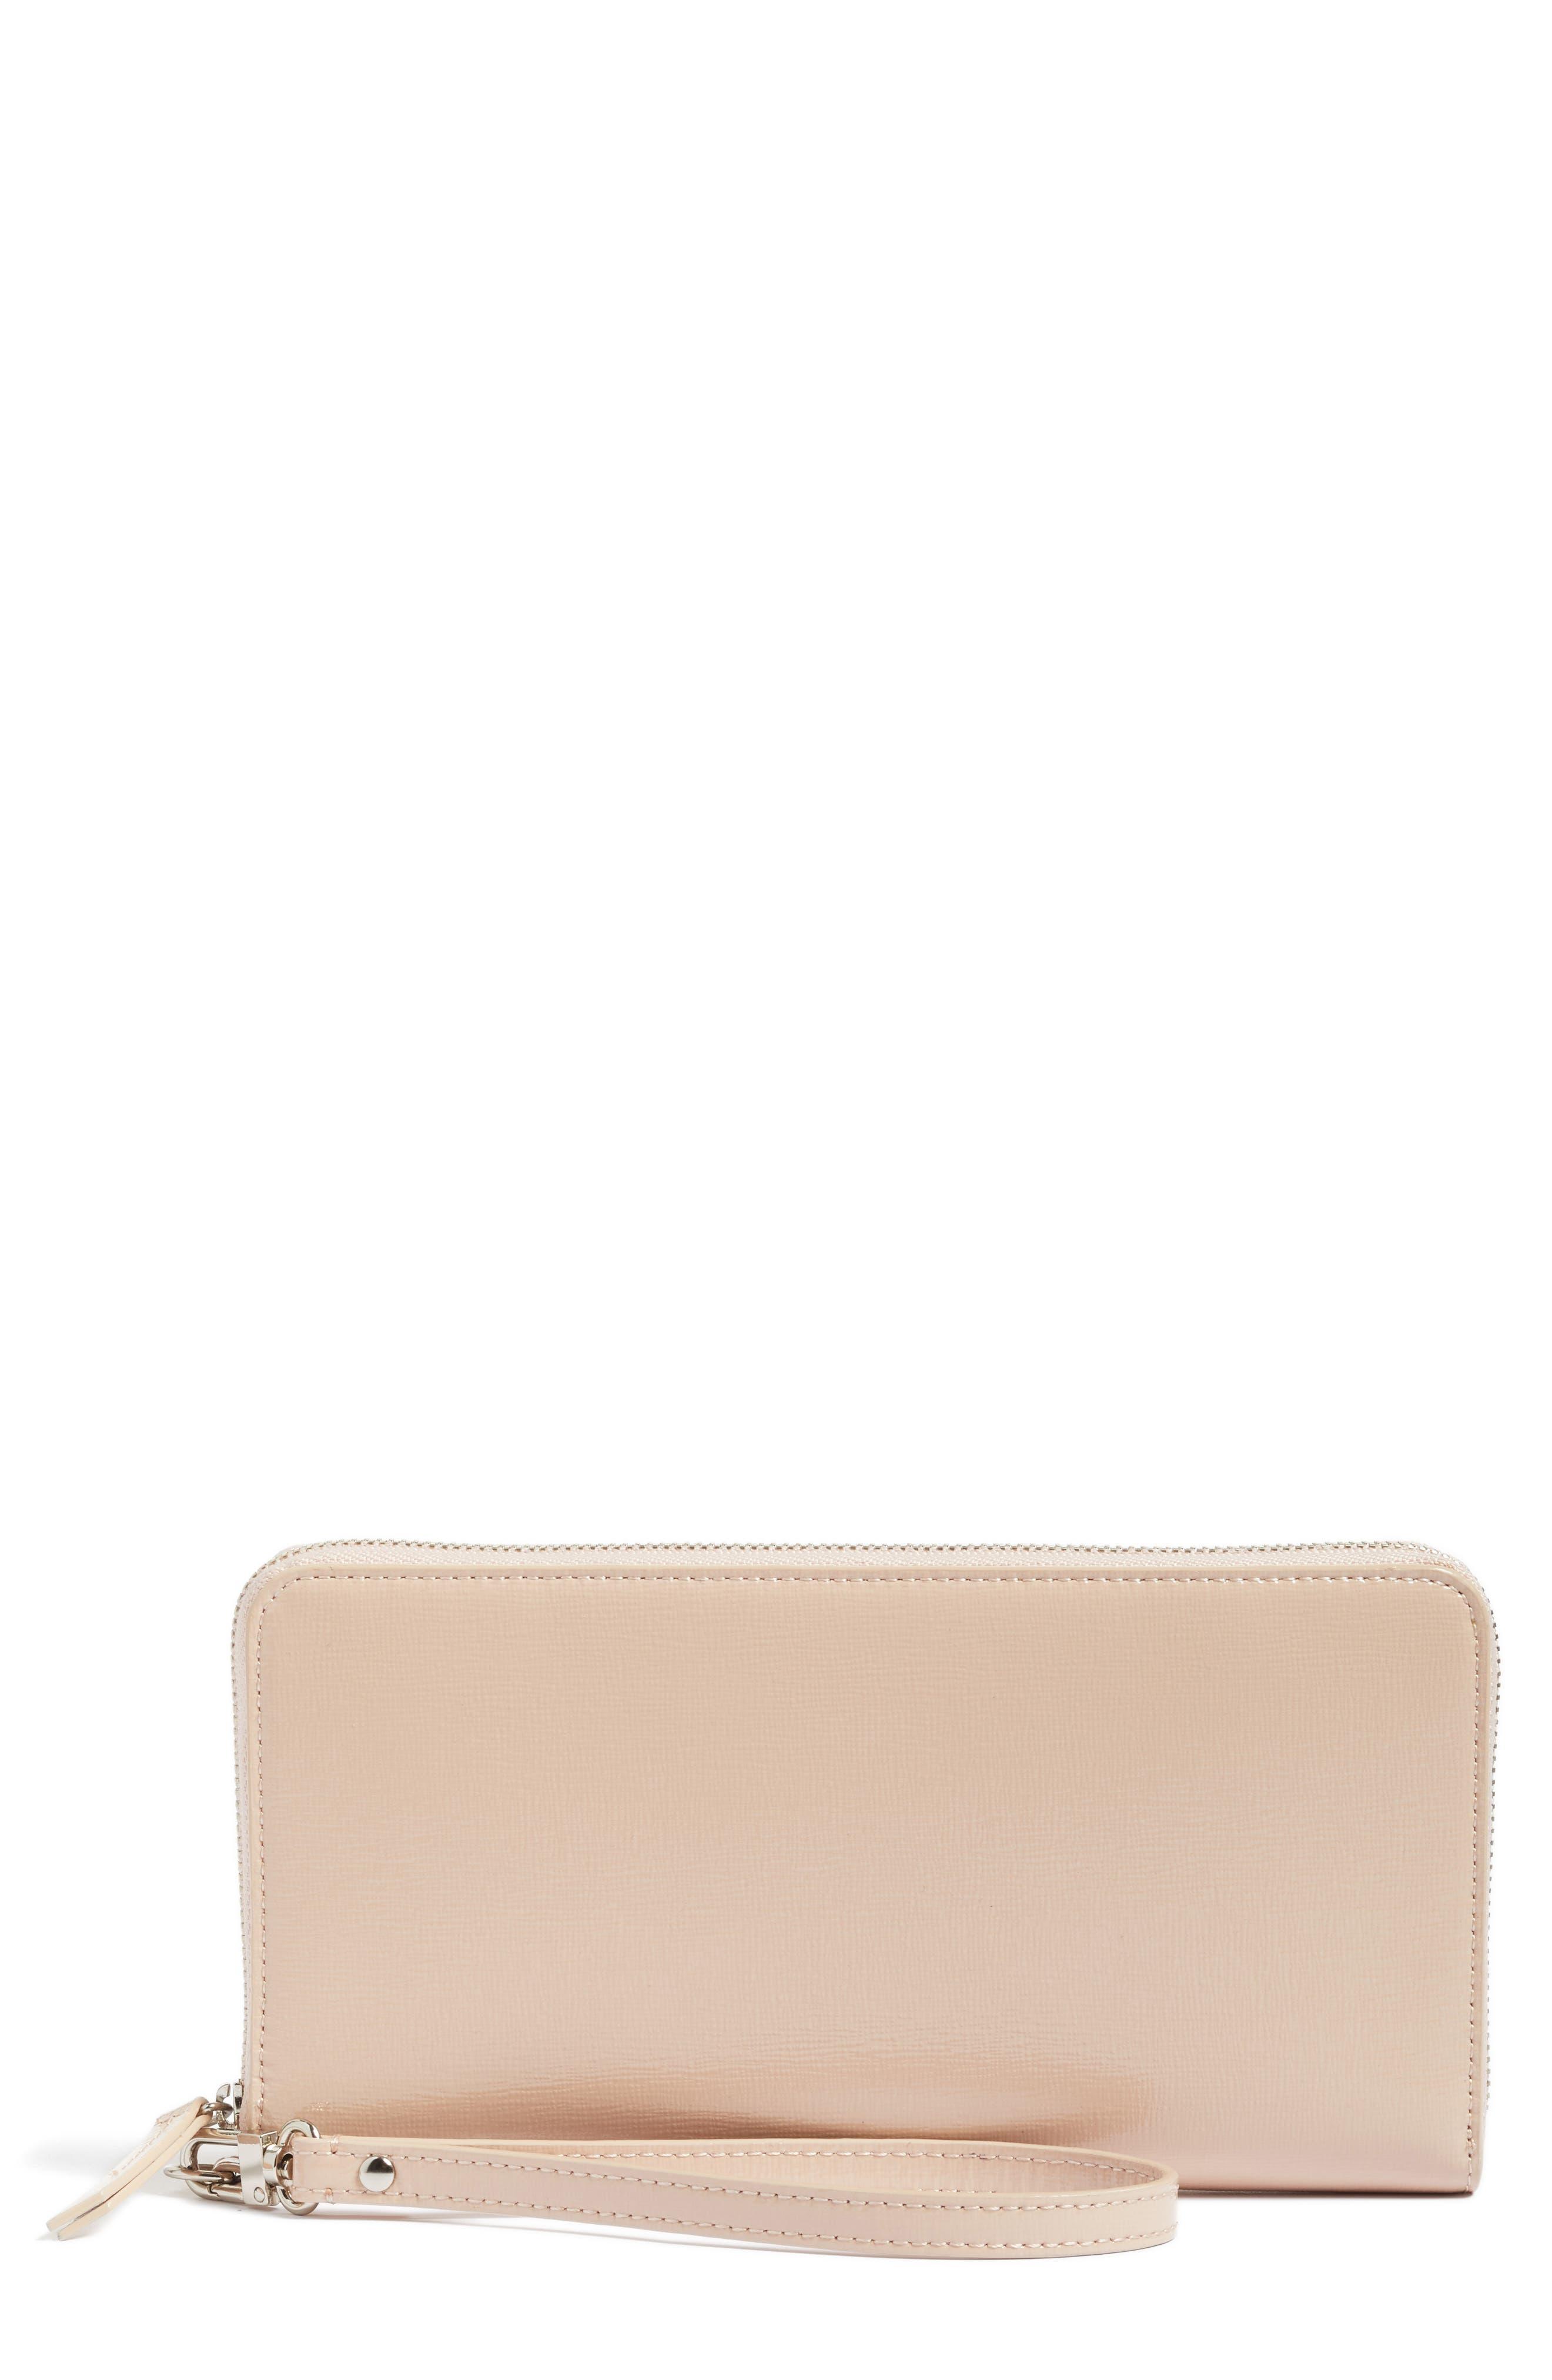 Nordstrom Slim Leather Wallet